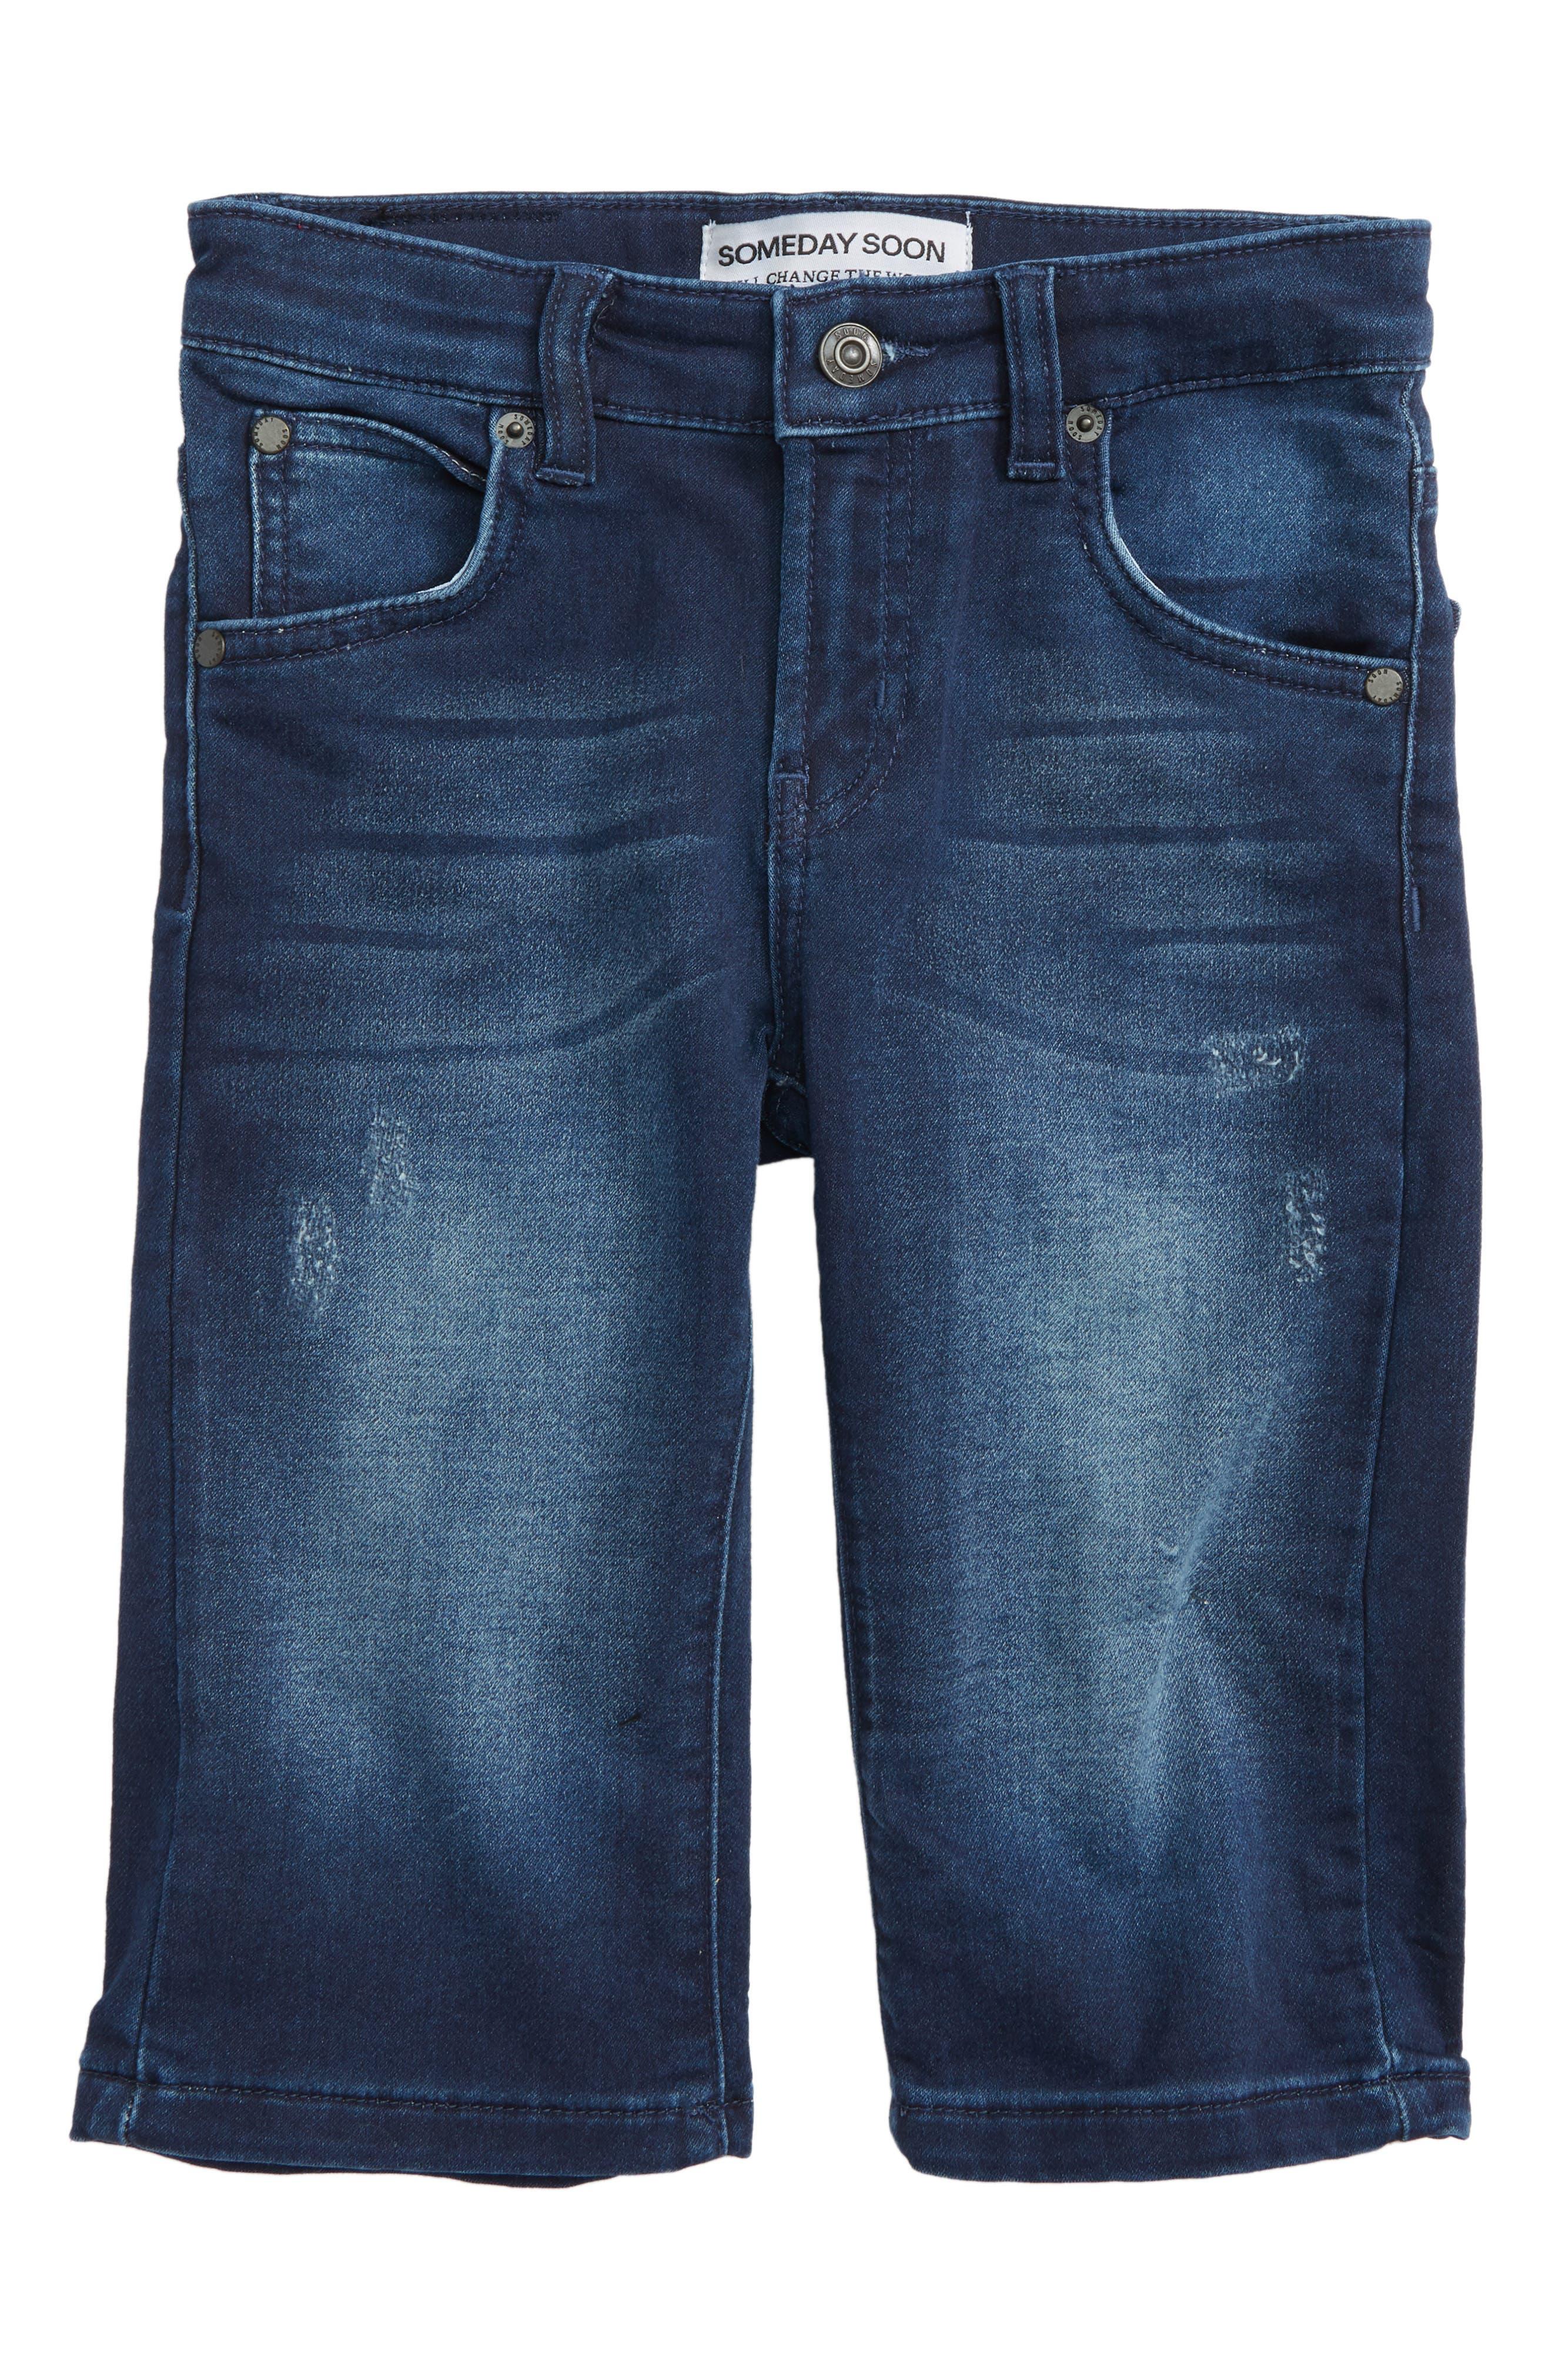 Carl Denim Shorts,                         Main,                         color, Blue